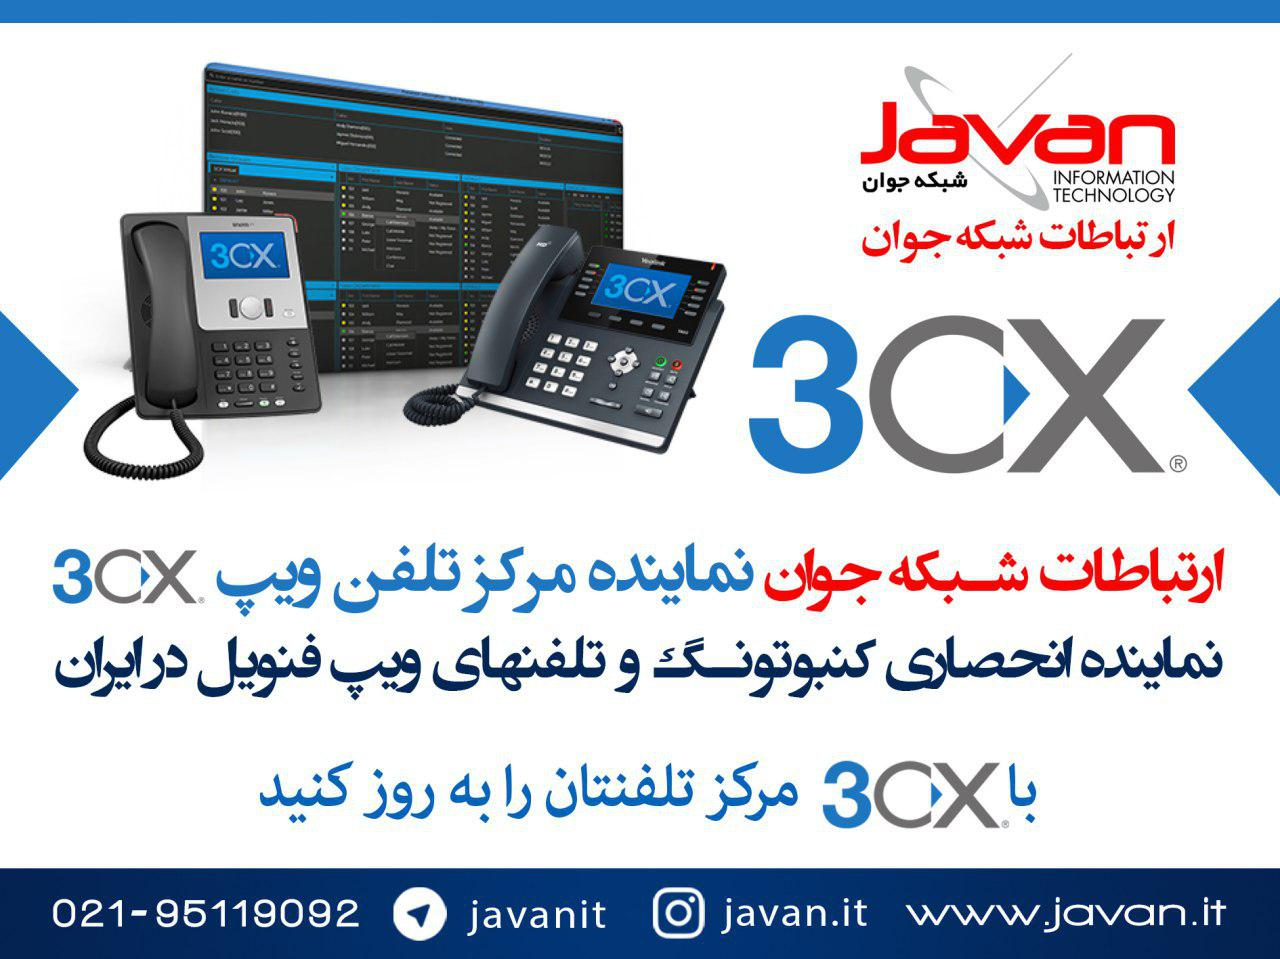 نرم افزار  پشتیبانی تلفن 3cx